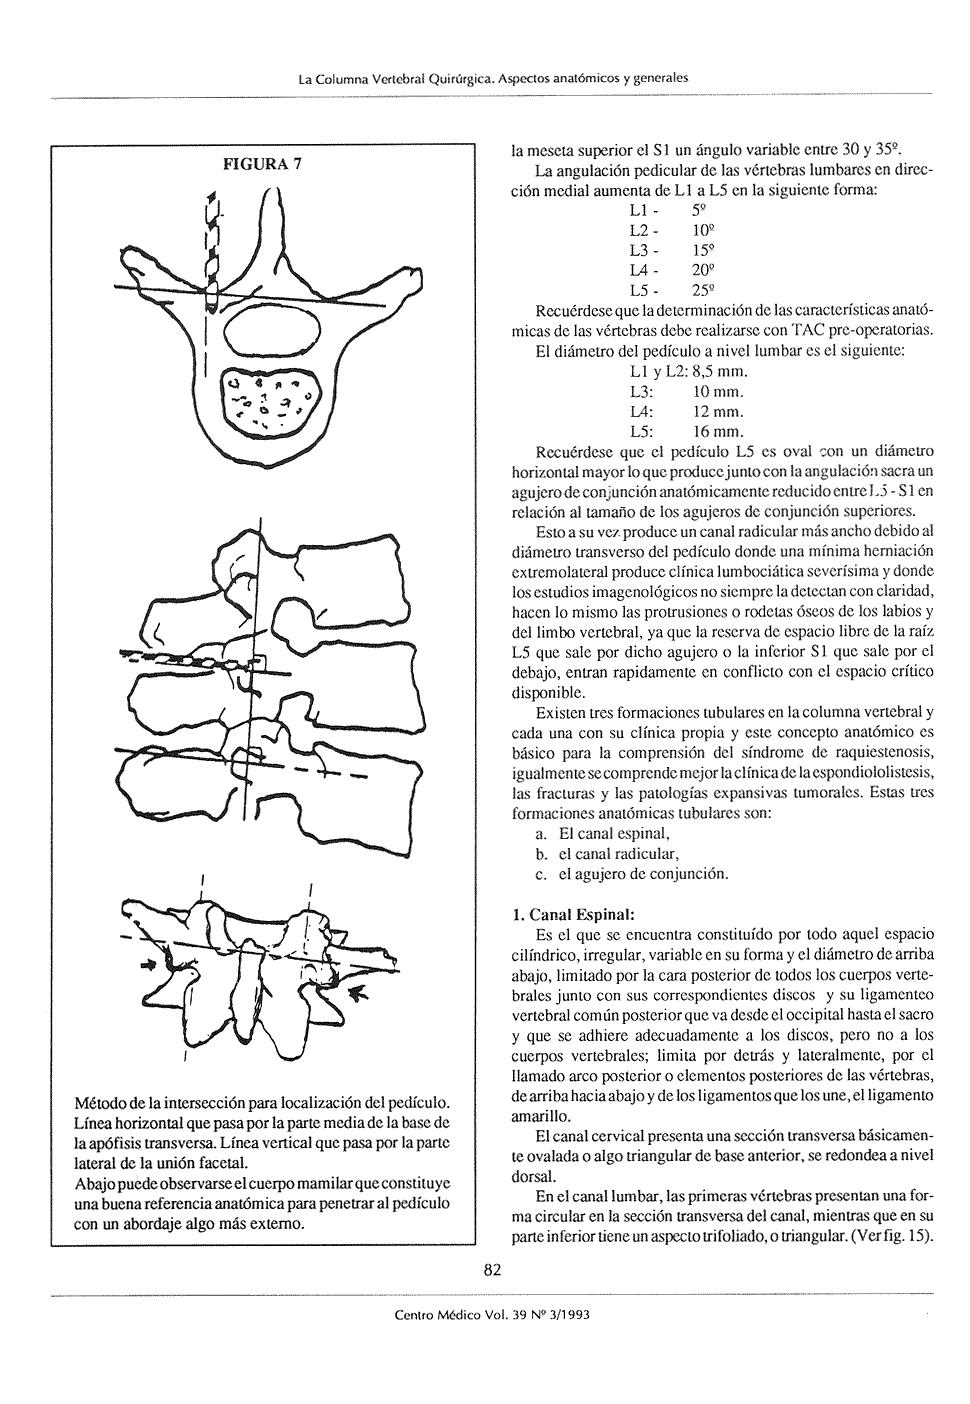 La Columna Vertebral Quirúrgica Aspectos anatómicos y generales